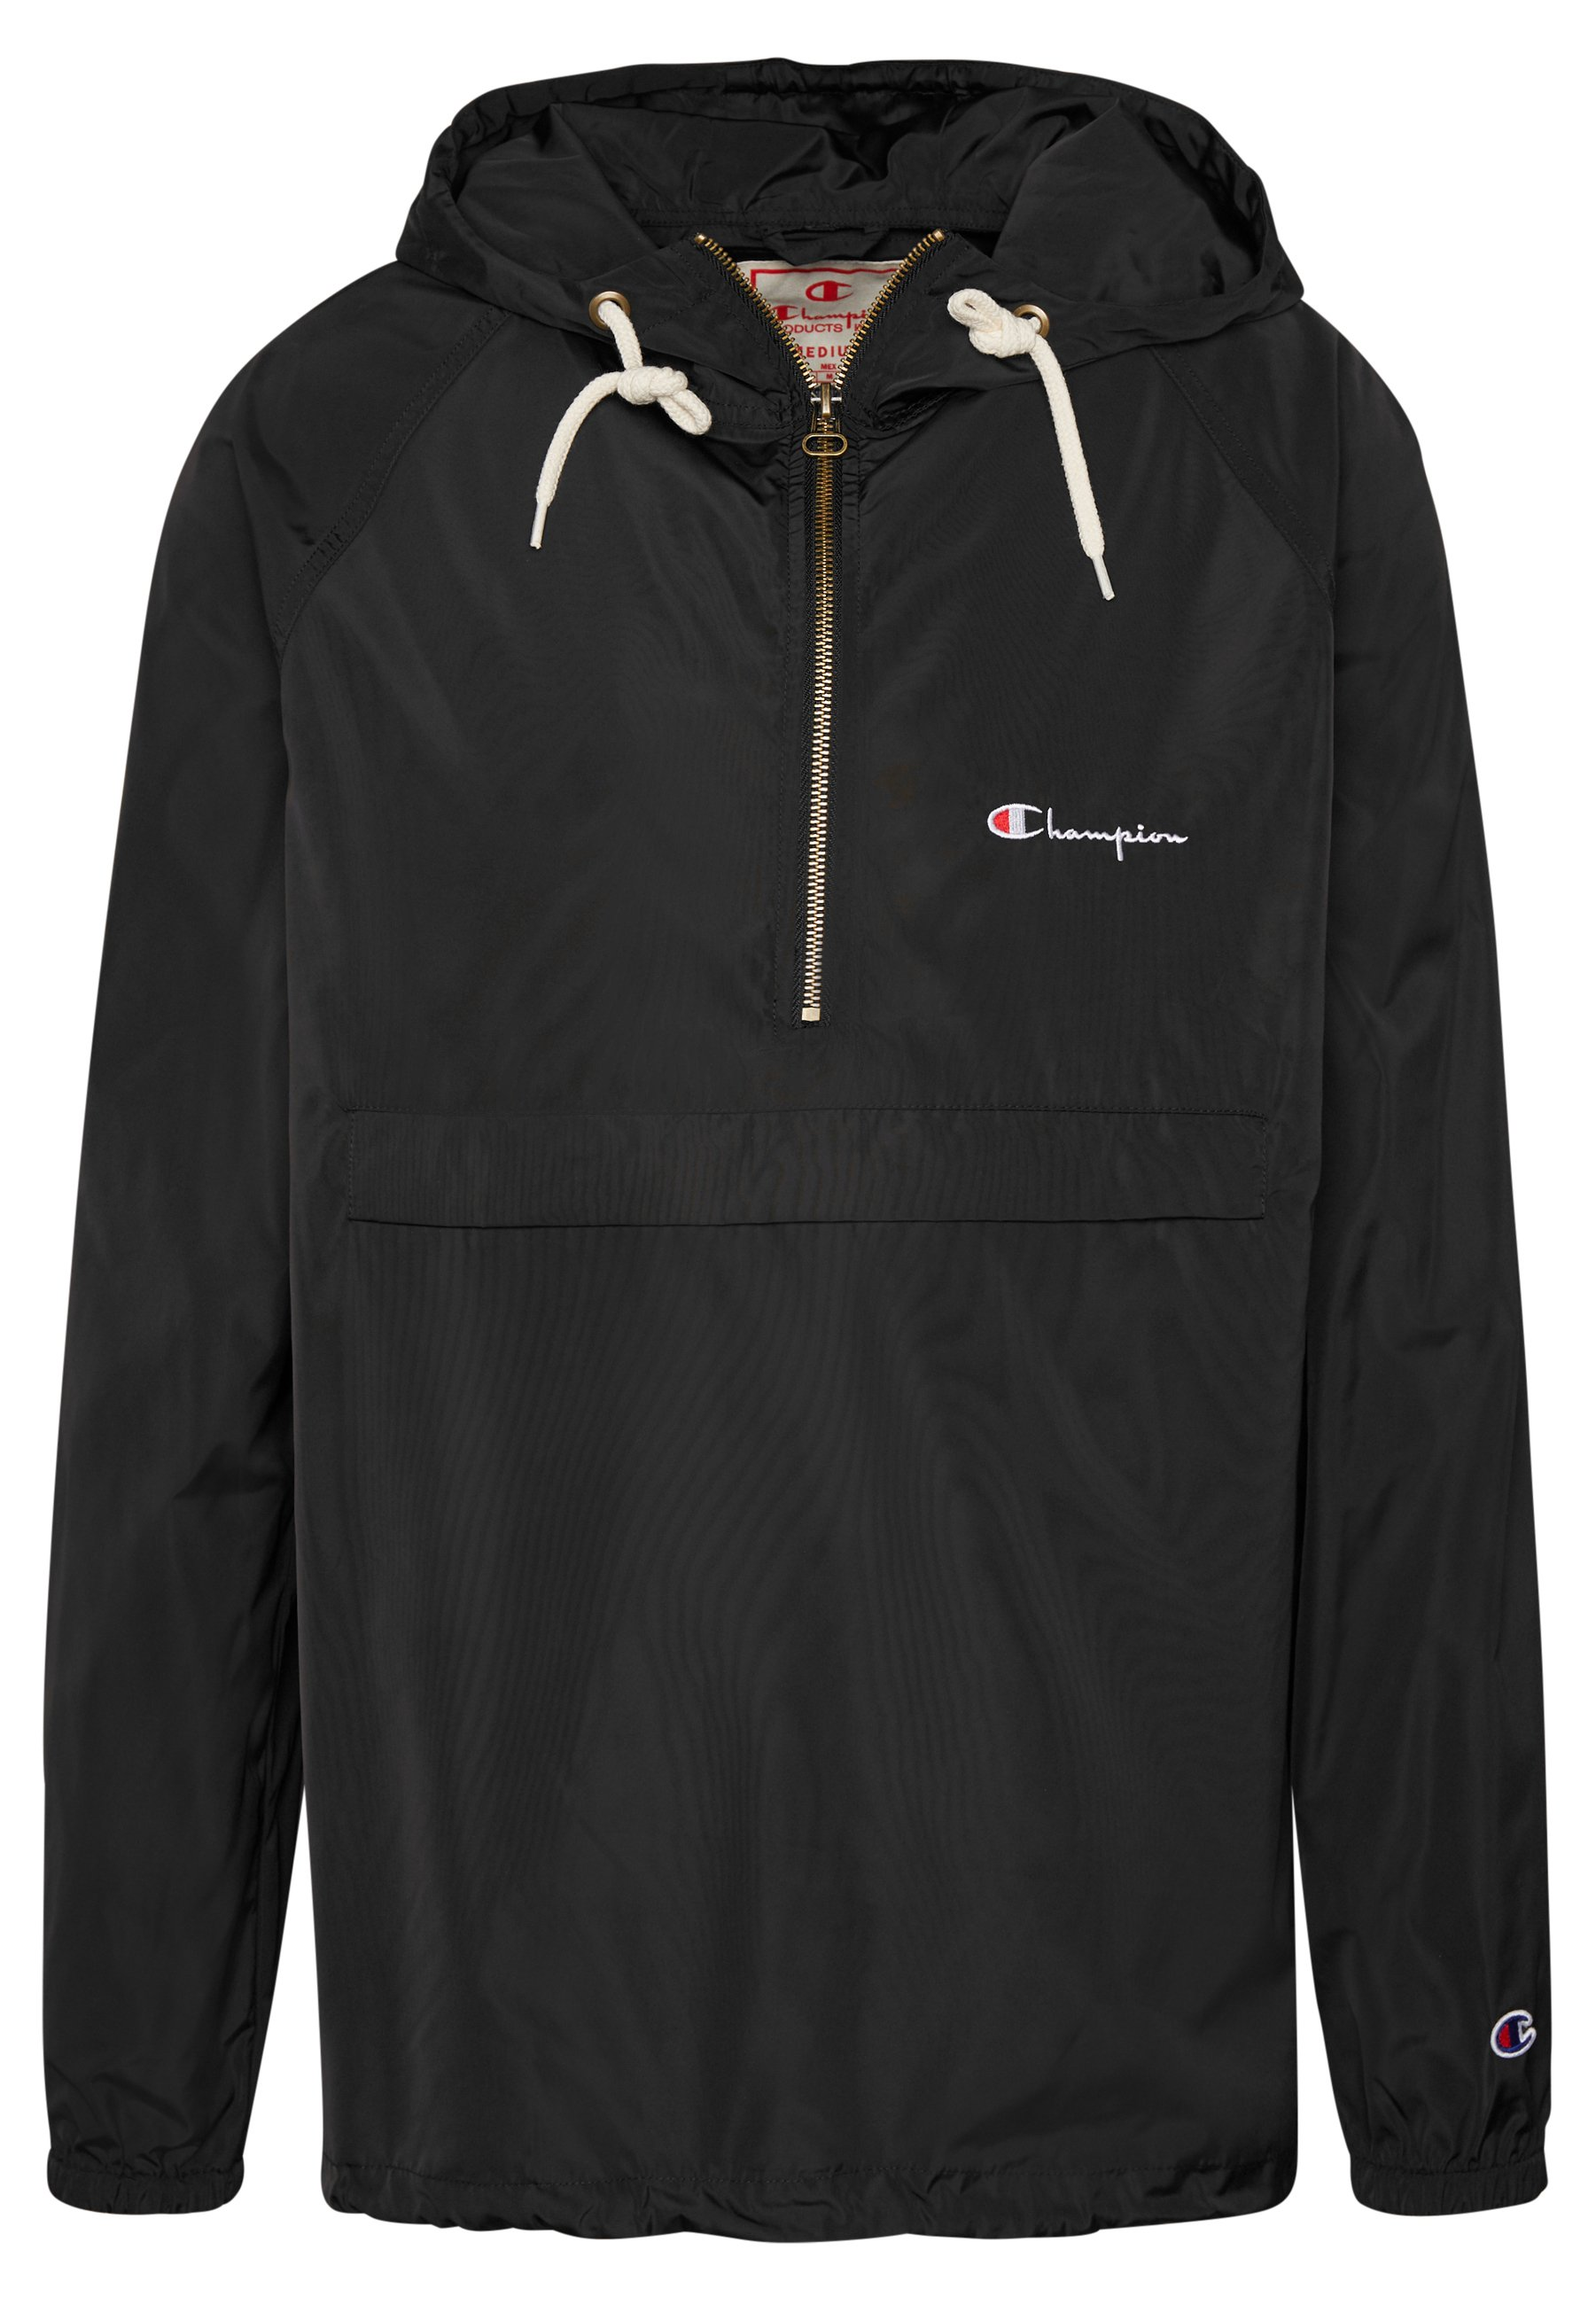 Champion Reverse Weave Coach Jacket - Let Jakke / Sommerjakker Black